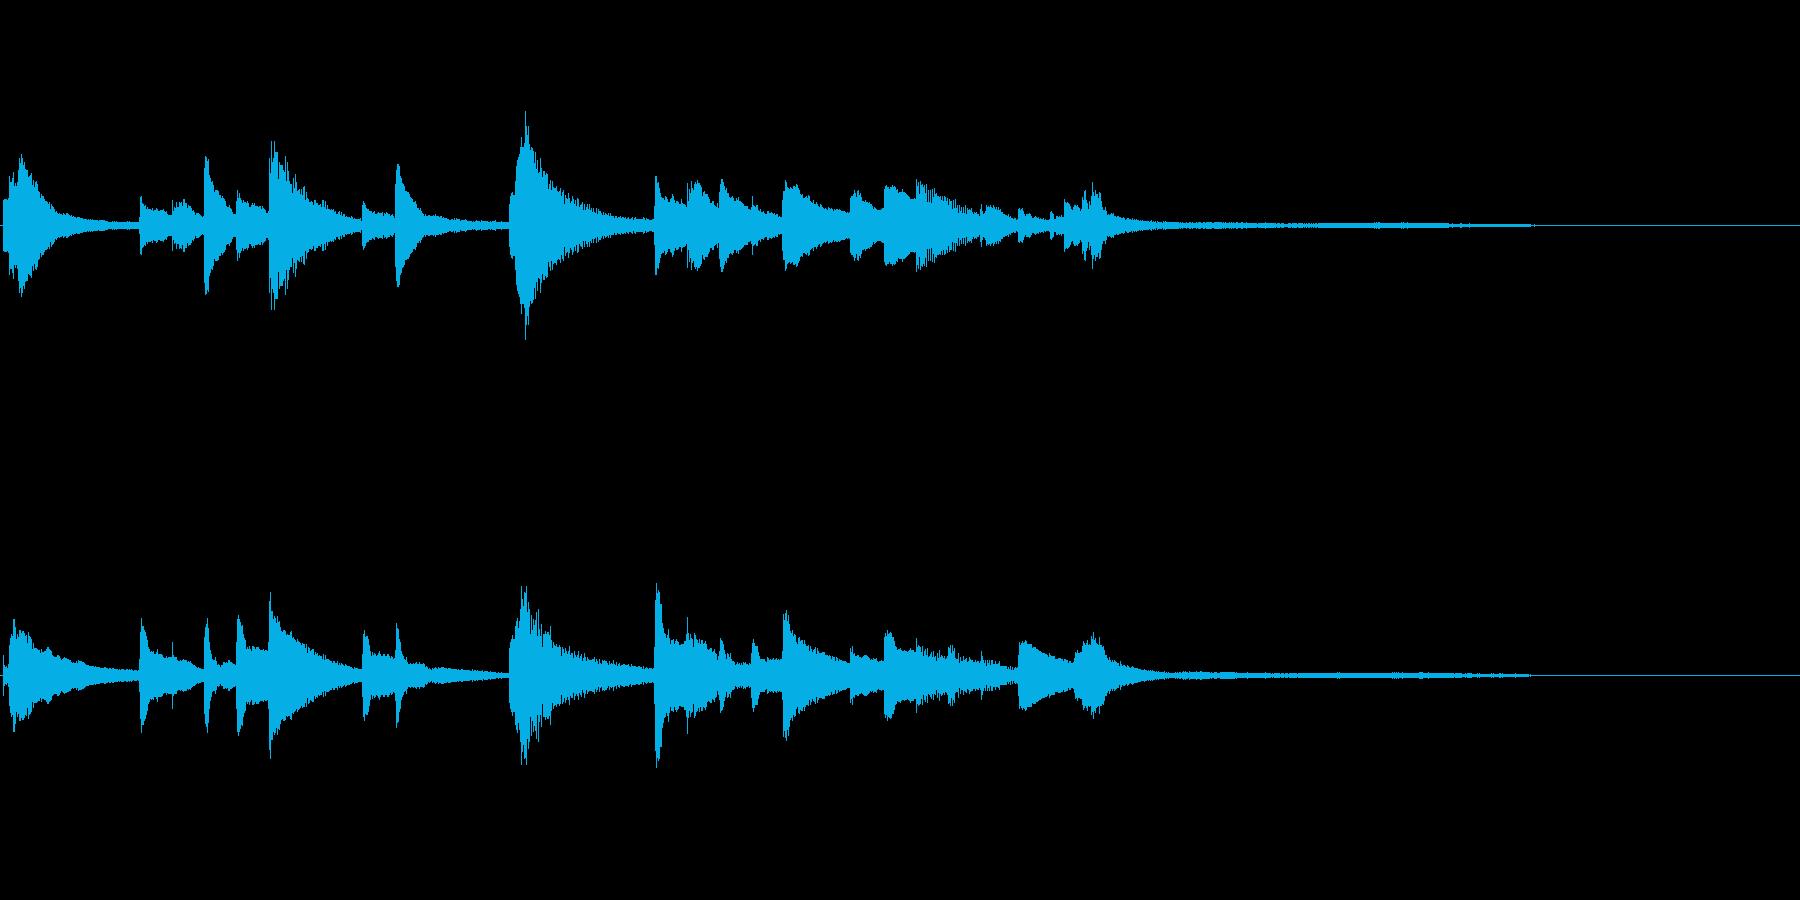 場面転換に適したピアノソロ曲の再生済みの波形